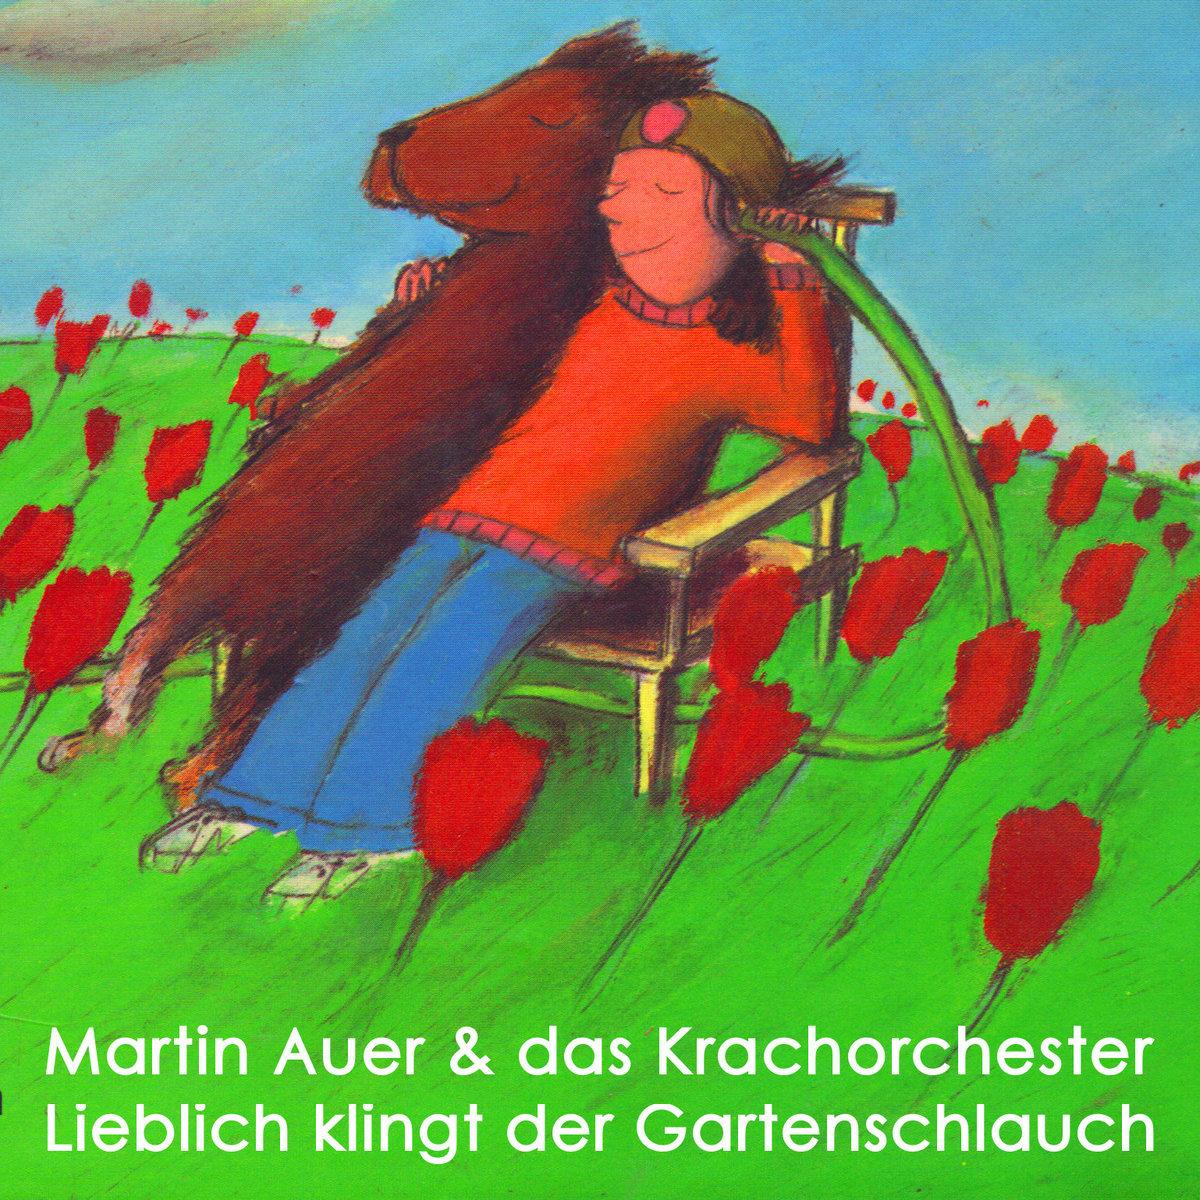 Lieblich Klingt Der Gartenschlauch Martin Auer